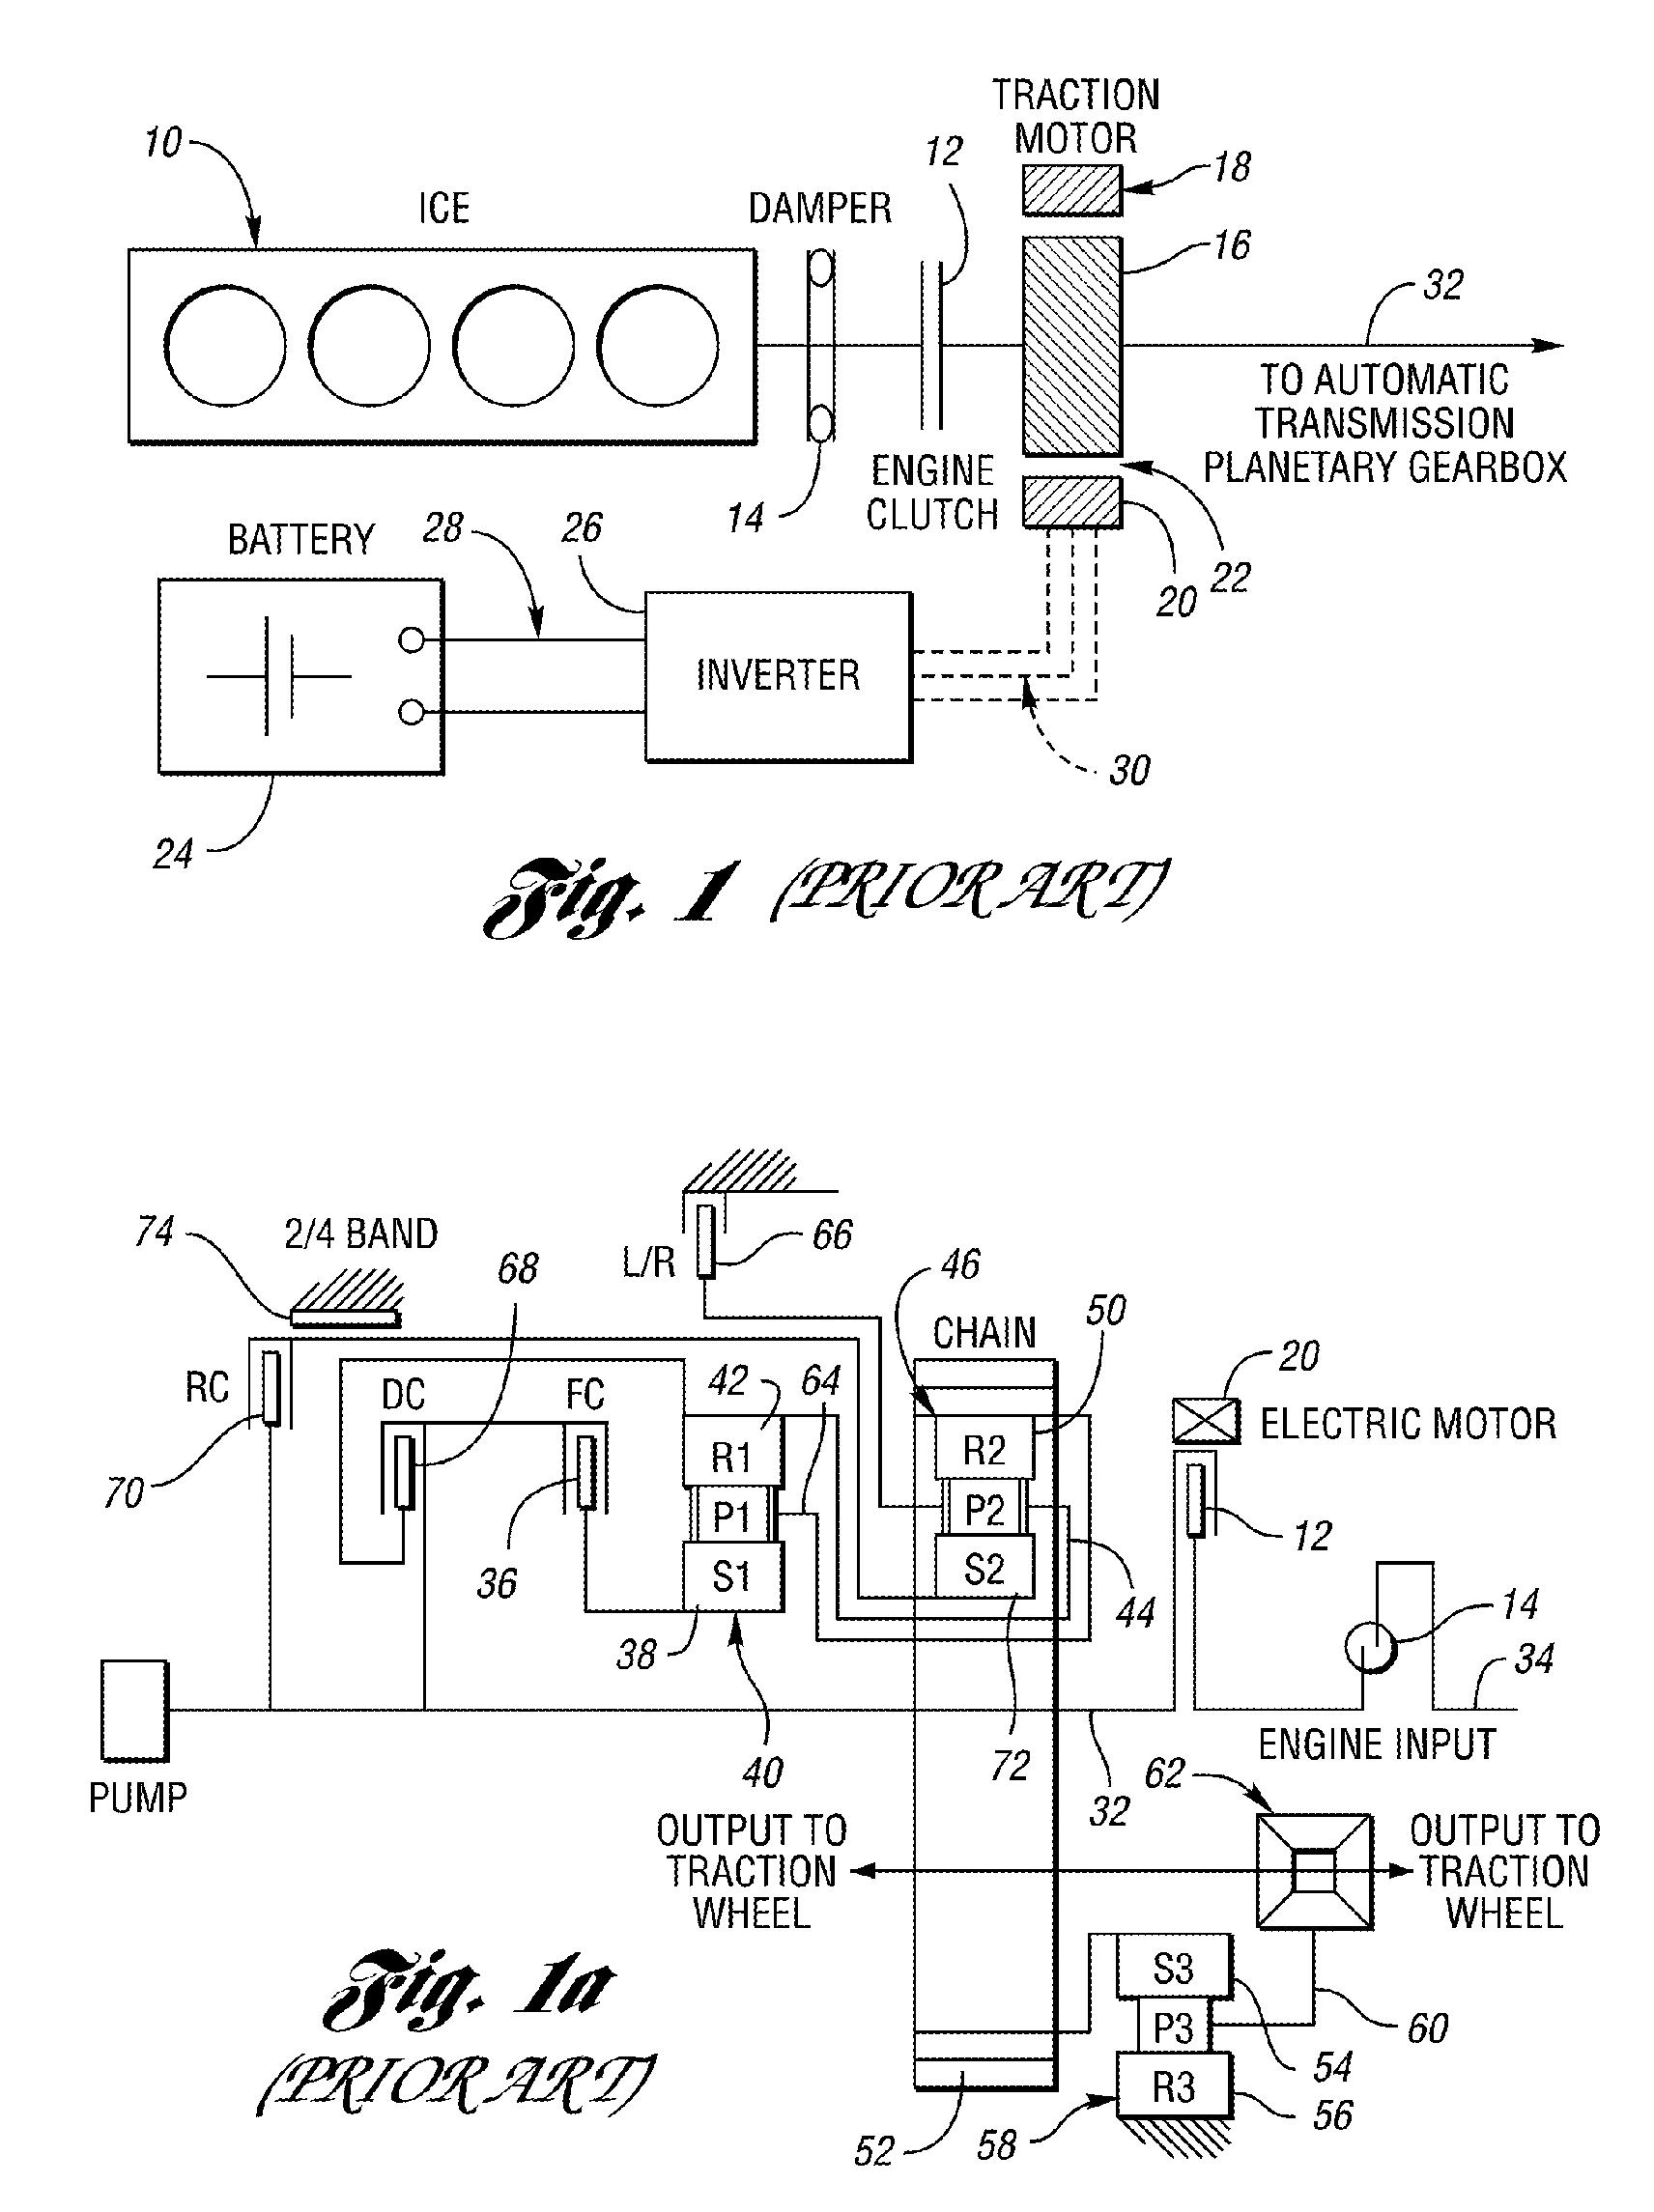 Diagram Schematic Transmission 2 2 Engine94 Beckett Burner Wiring – Diagram Schematic Transmission 2 Engine94